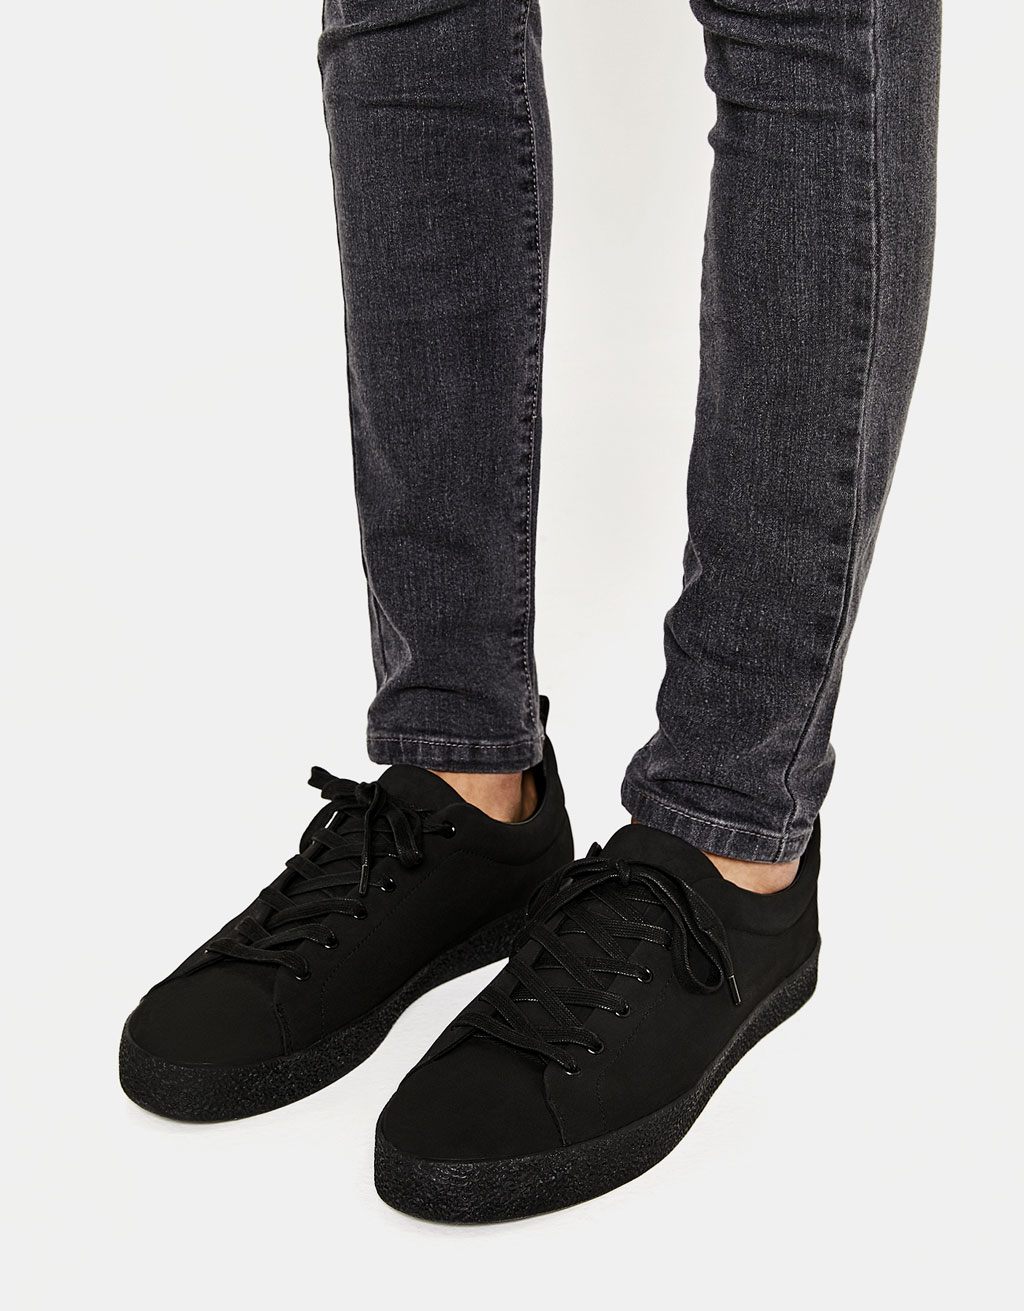 Men's black sneakers with textured soles